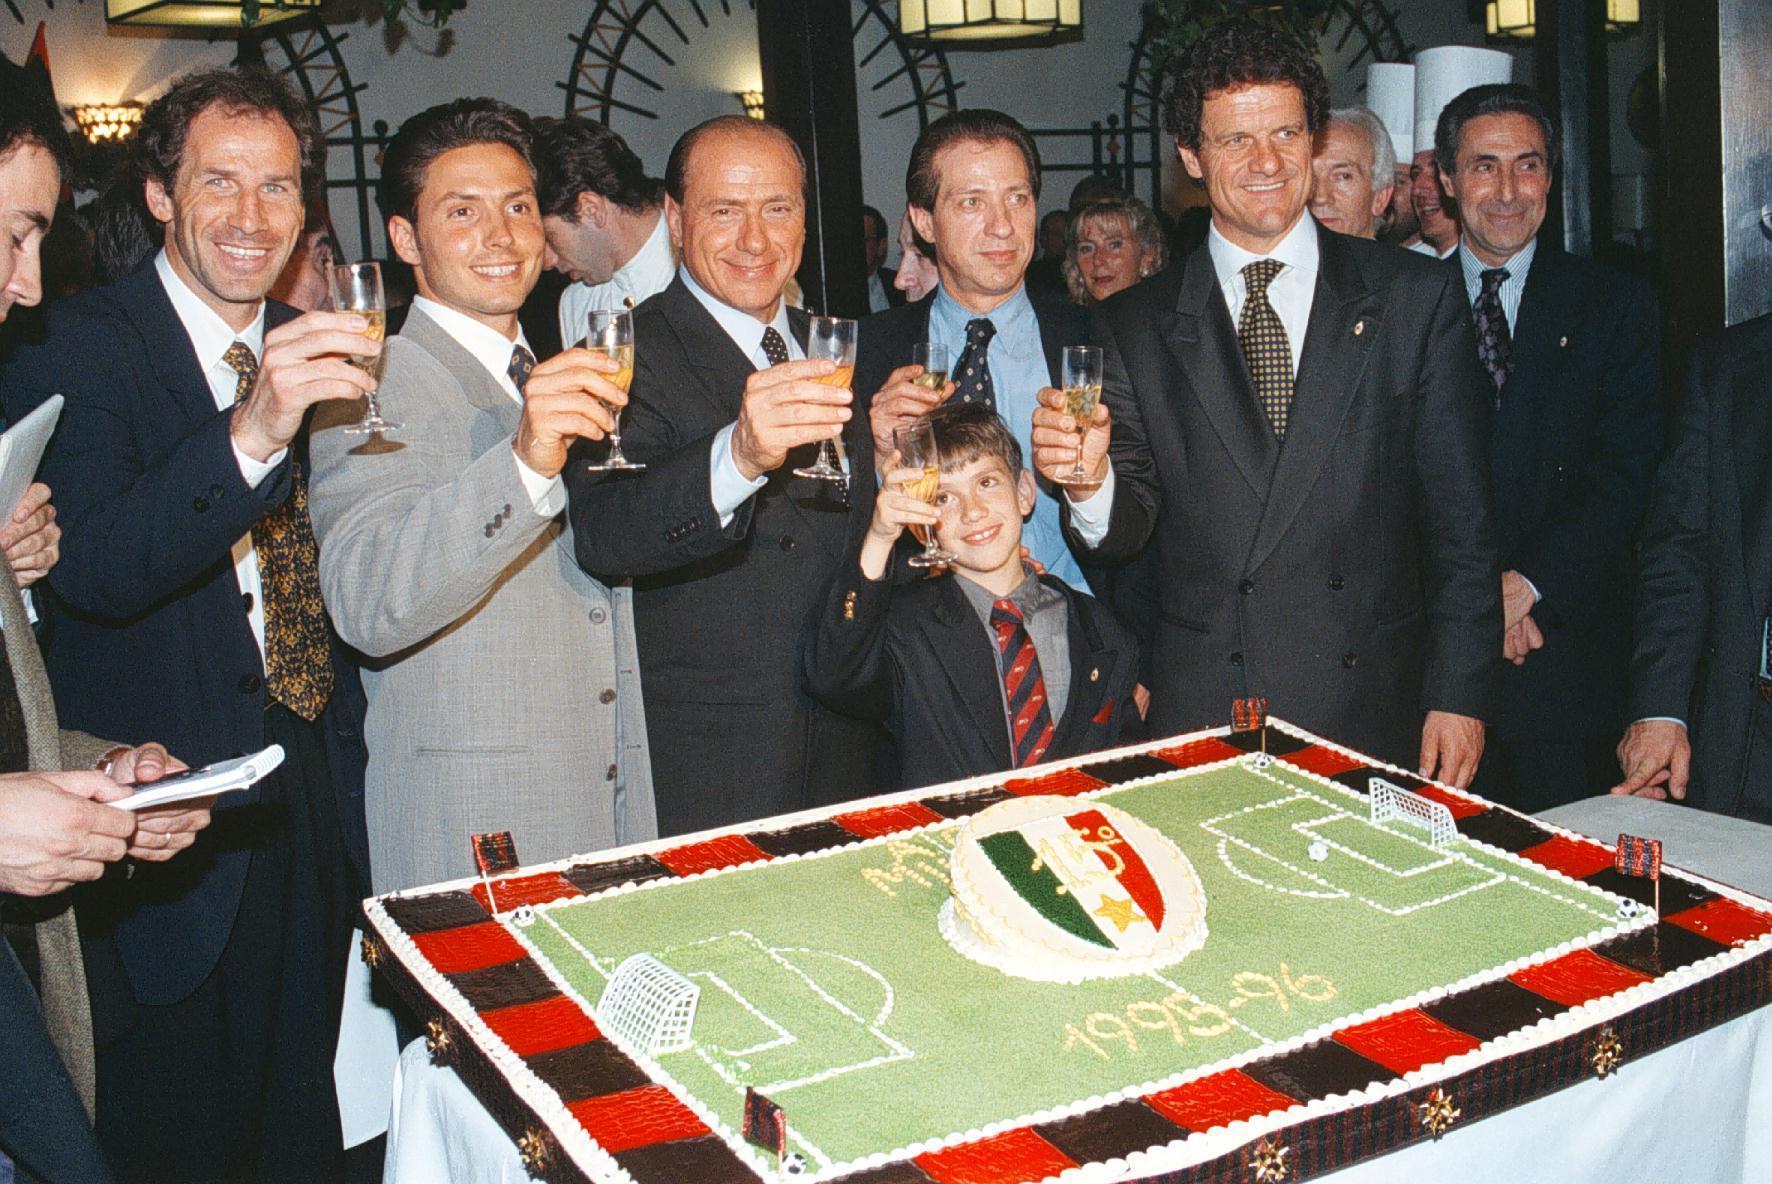 Il brindisi durante la cena organizzata dal Milan la sera dell'11 maggio 1996 per festeggiare la vittoria del campionato di calcio 95/96. Da sinistra Franco Baresi; Piersilvio, Silvio, Paolo e il piccolo Luigi Berlusconi; Fabio Capello.ANSA